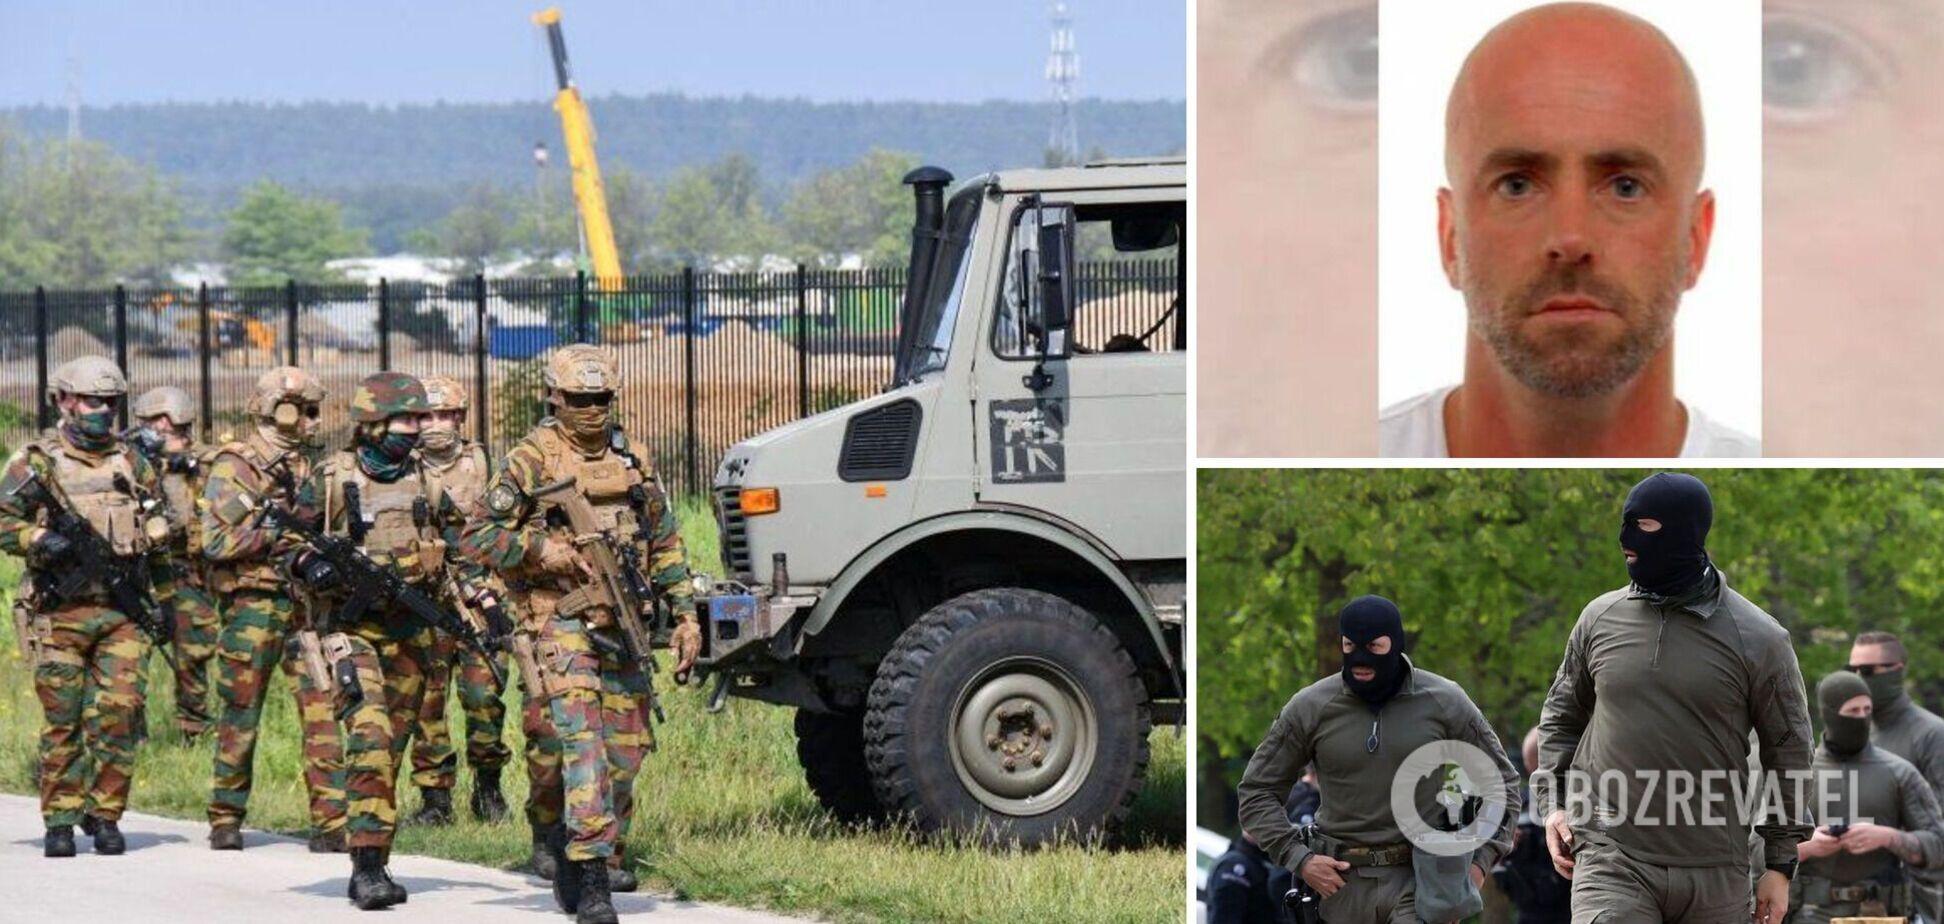 У Бельгії знайшли мертвим снайпера-фанатика, який місяць тримав у страху всю країну